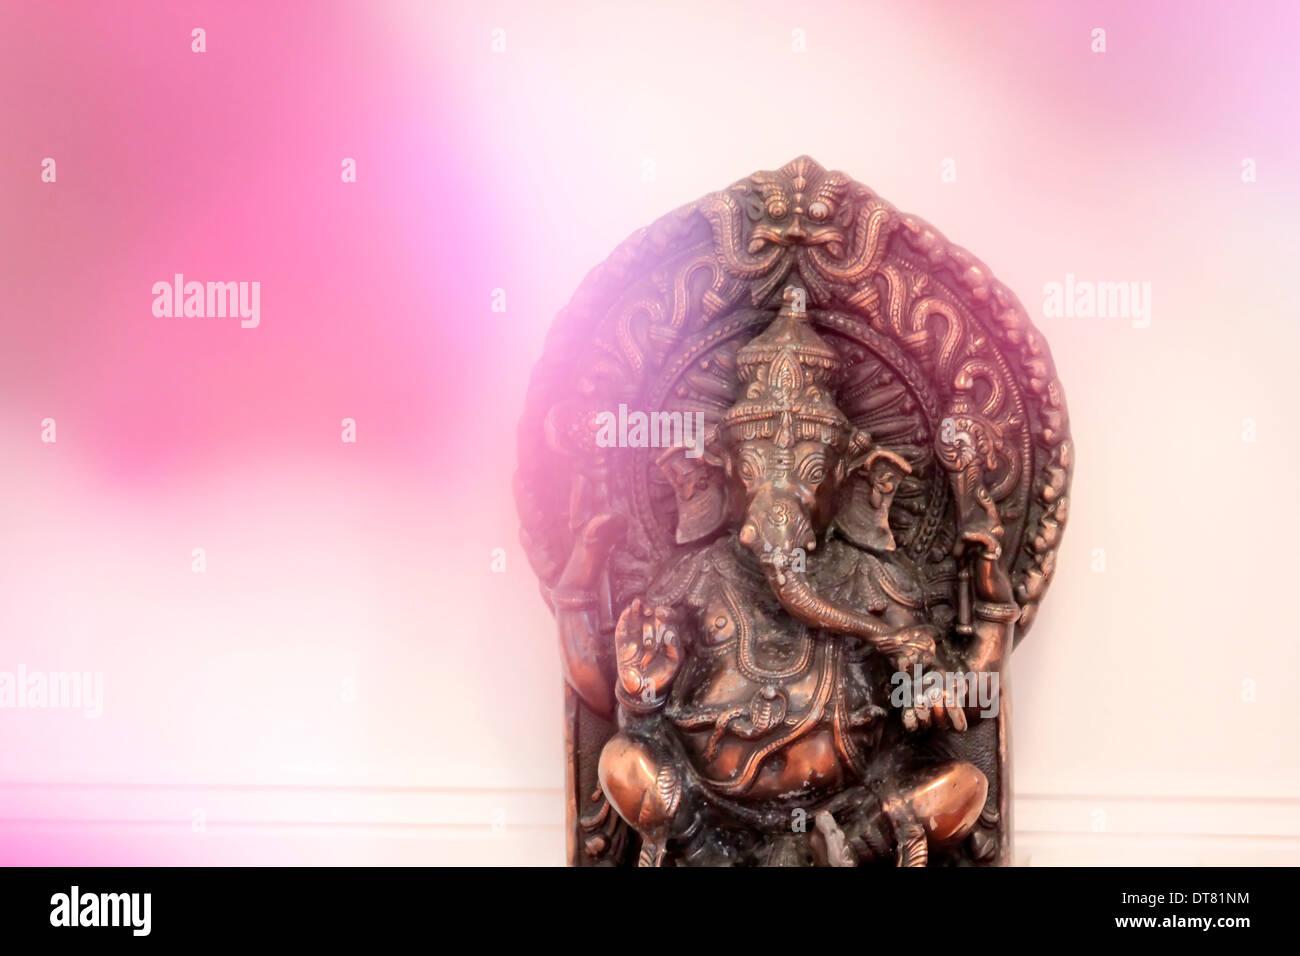 Statua della divinità Indù Ganesha come una decorazione in una sala yoga Immagini Stock